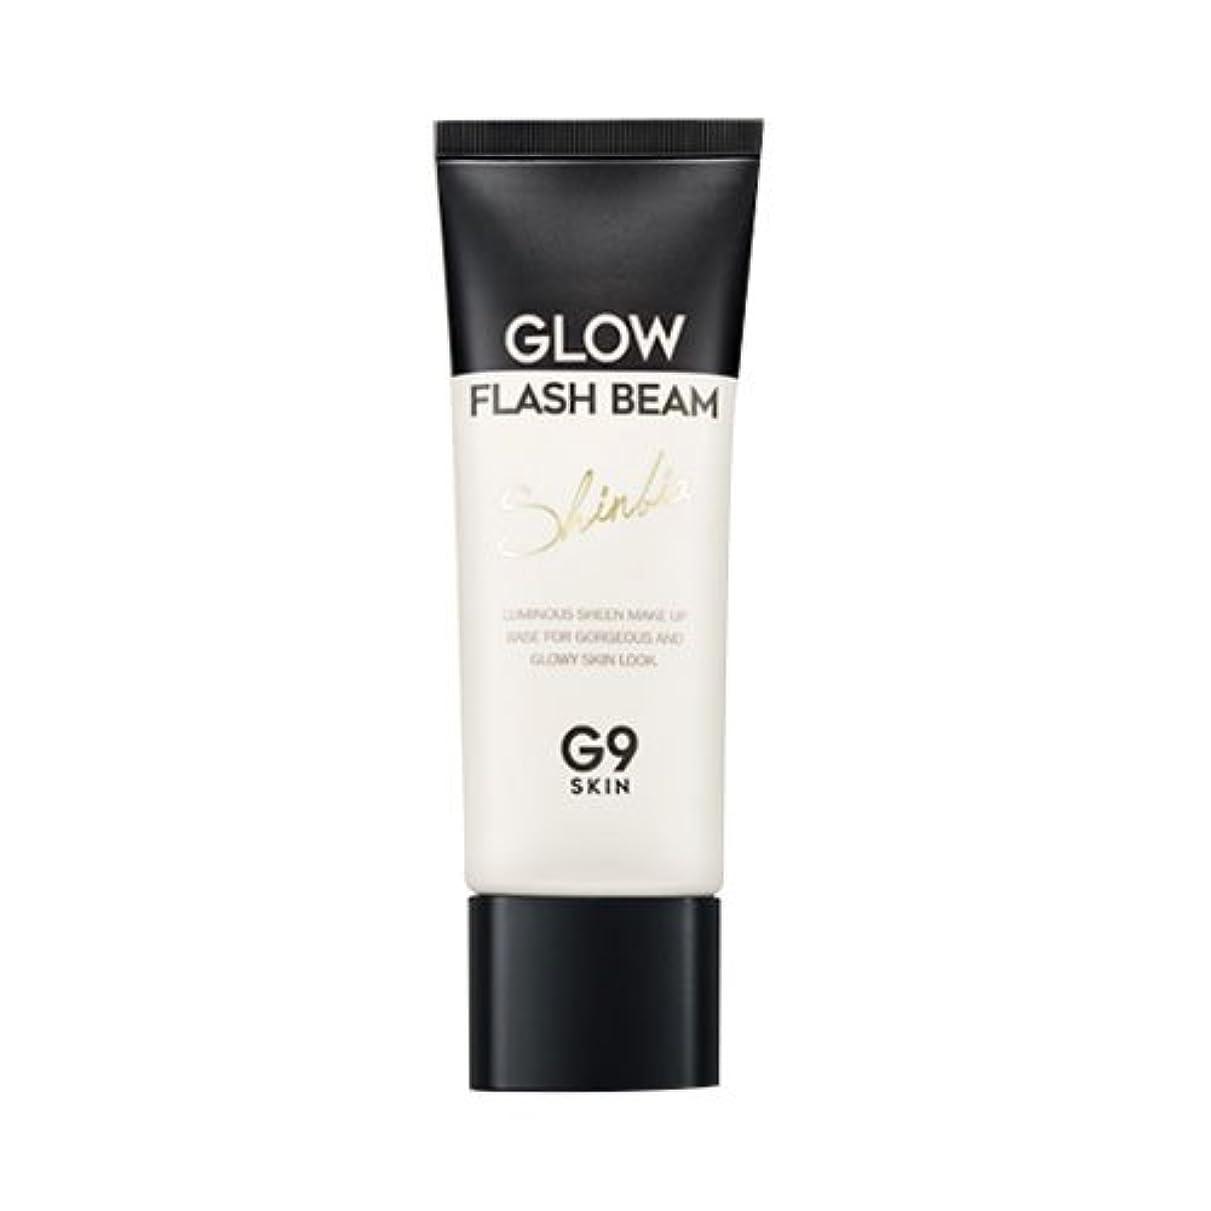 表現定期的に一G9SKIN(ベリサム) GLOW FLASH BEAM シンビア グロー フラッシュ ビーム